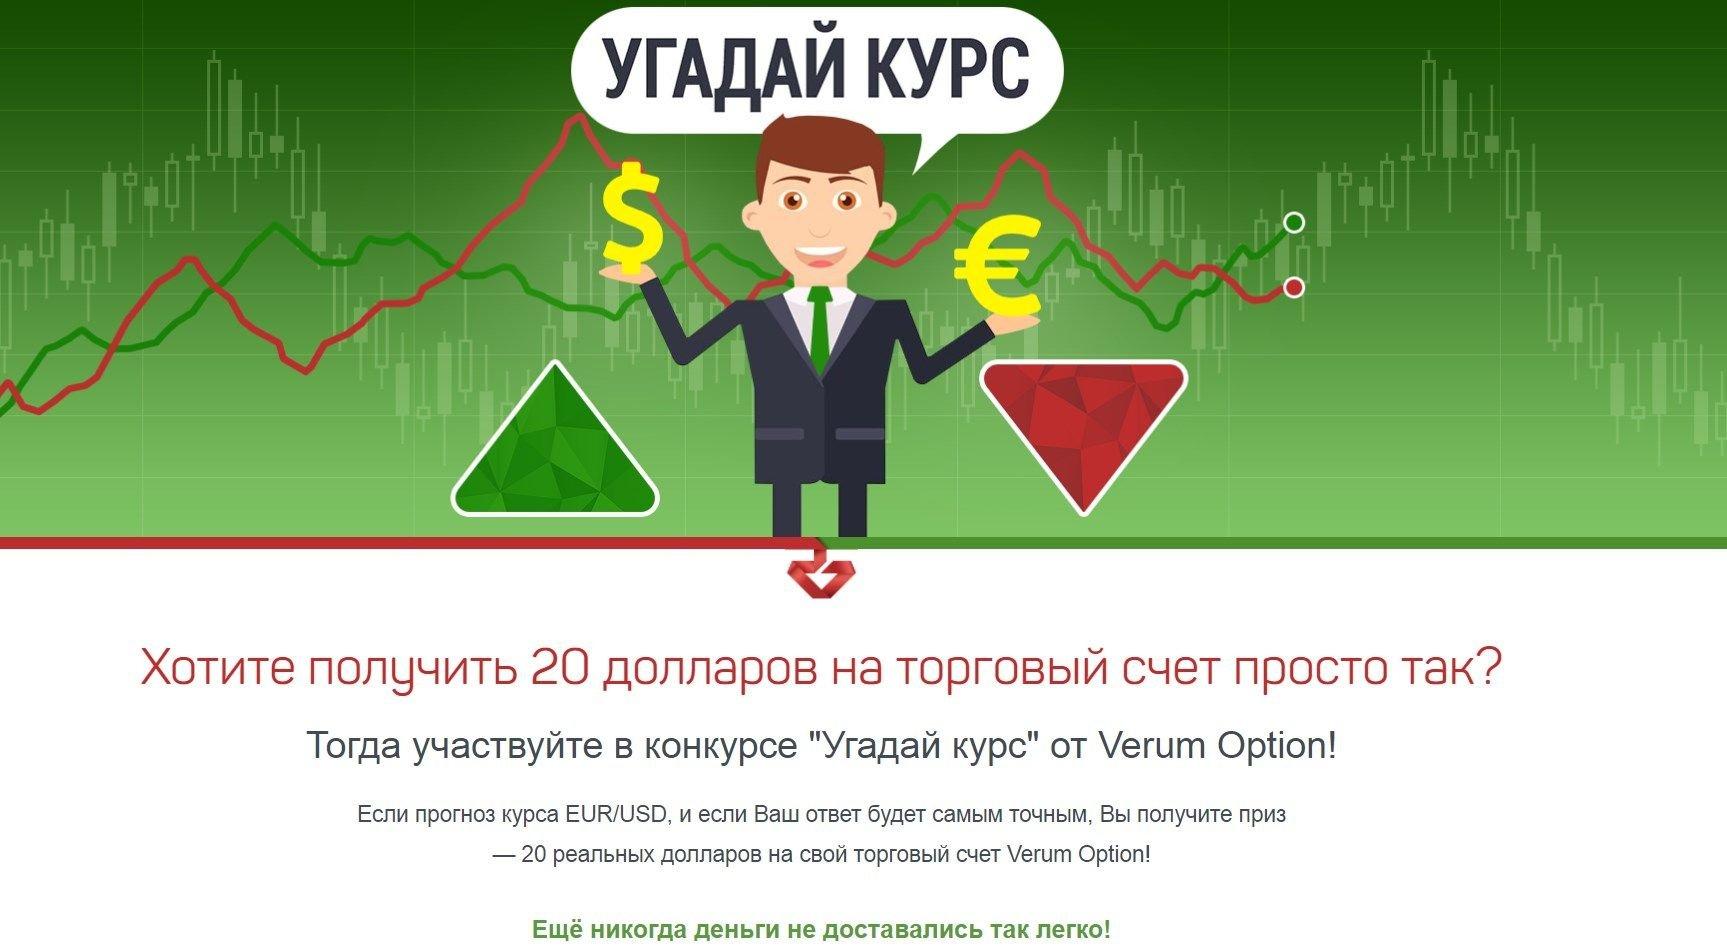 Выгодный конкурс брокера Verum Option